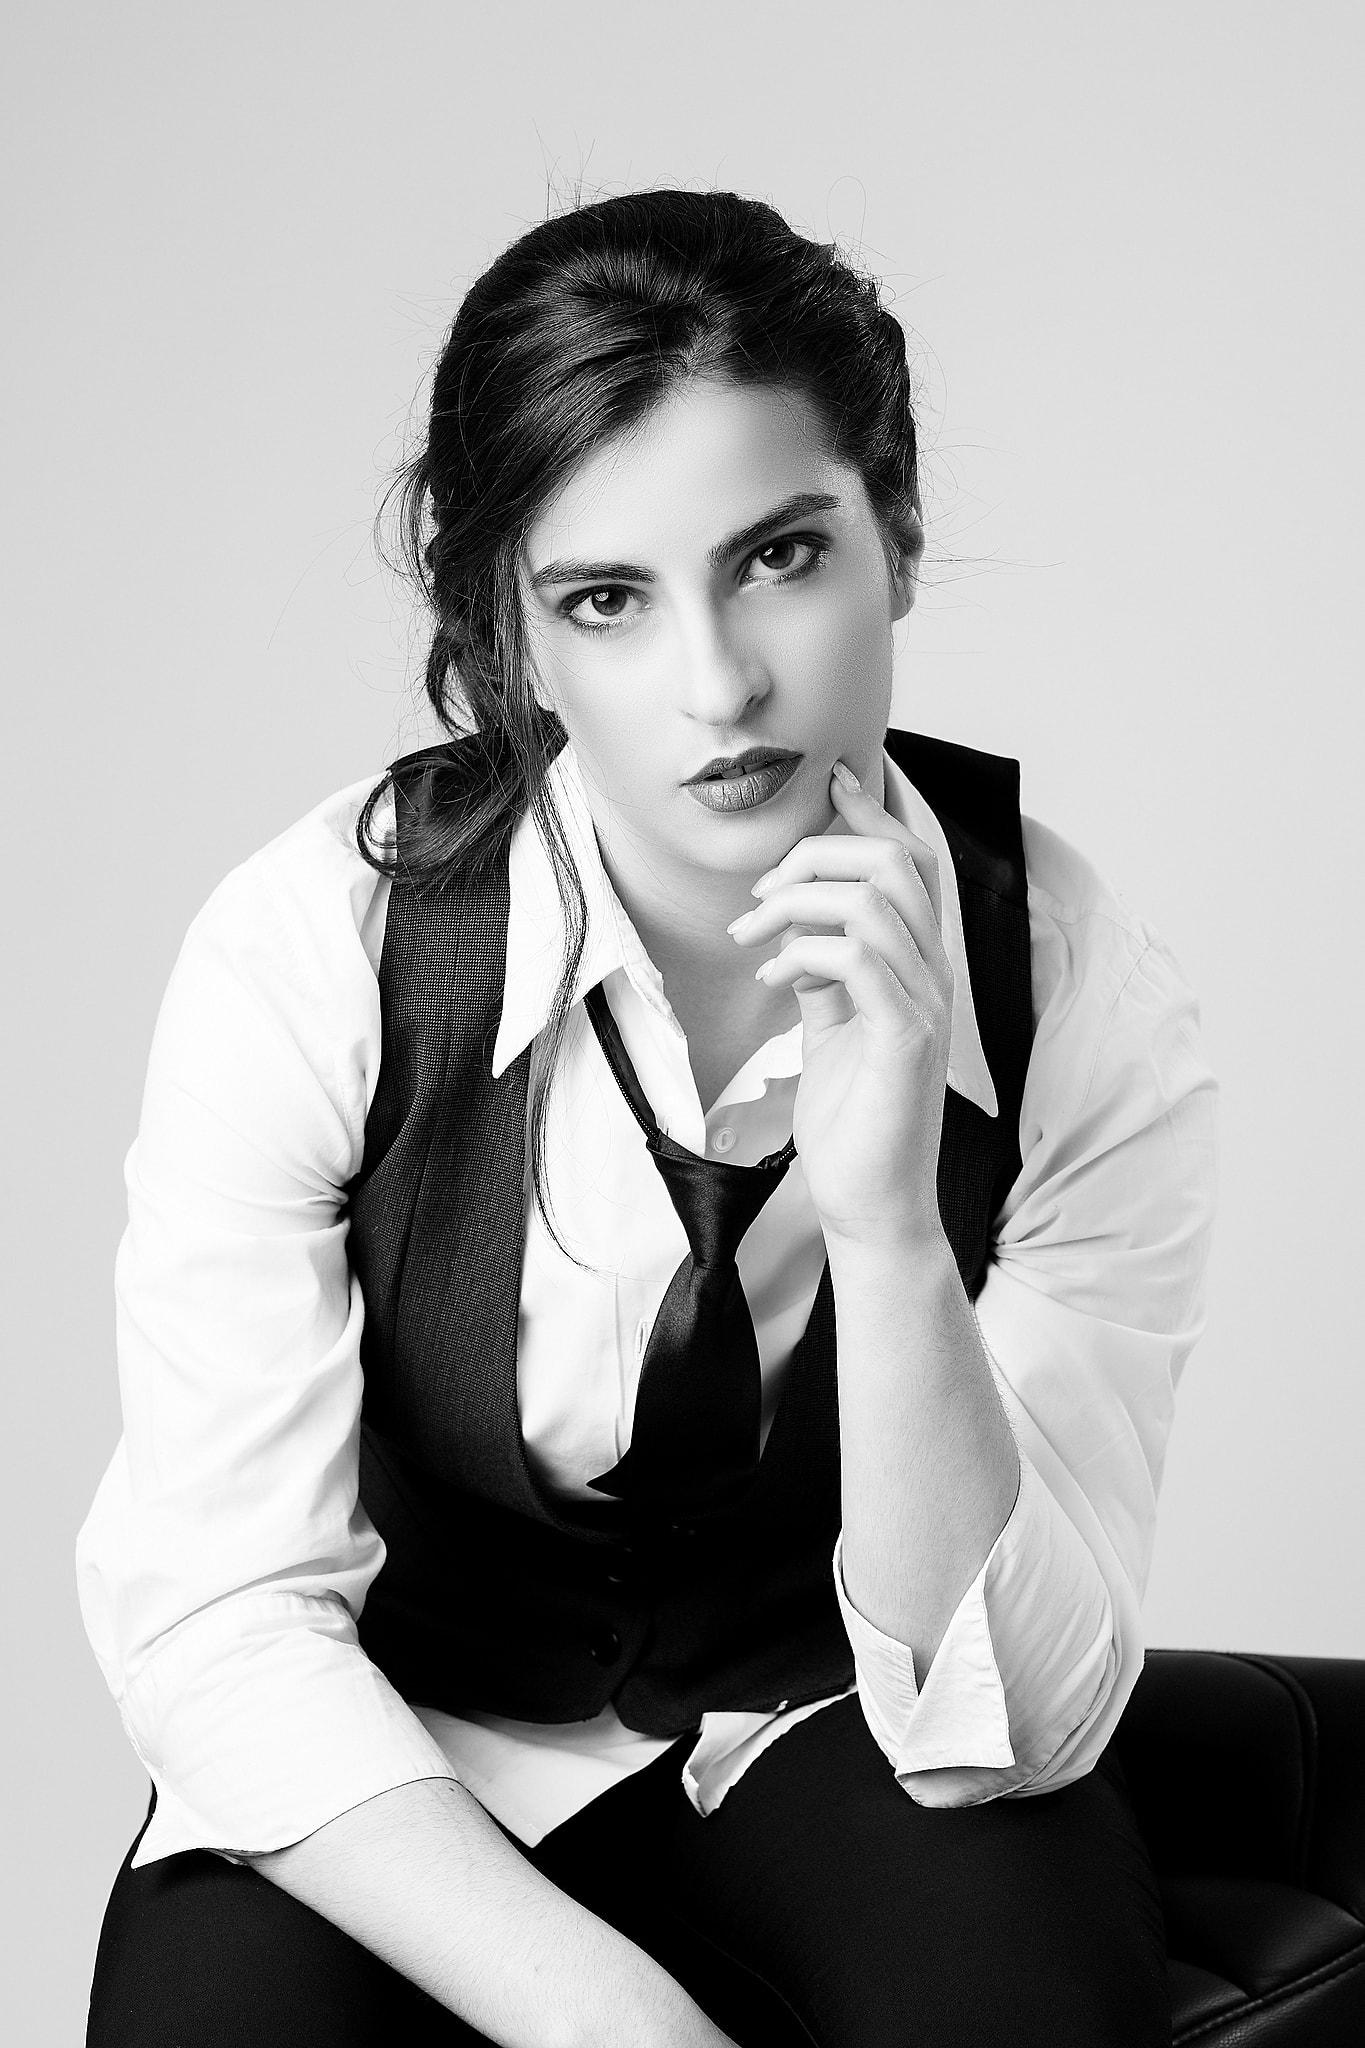 Fotografo Udine